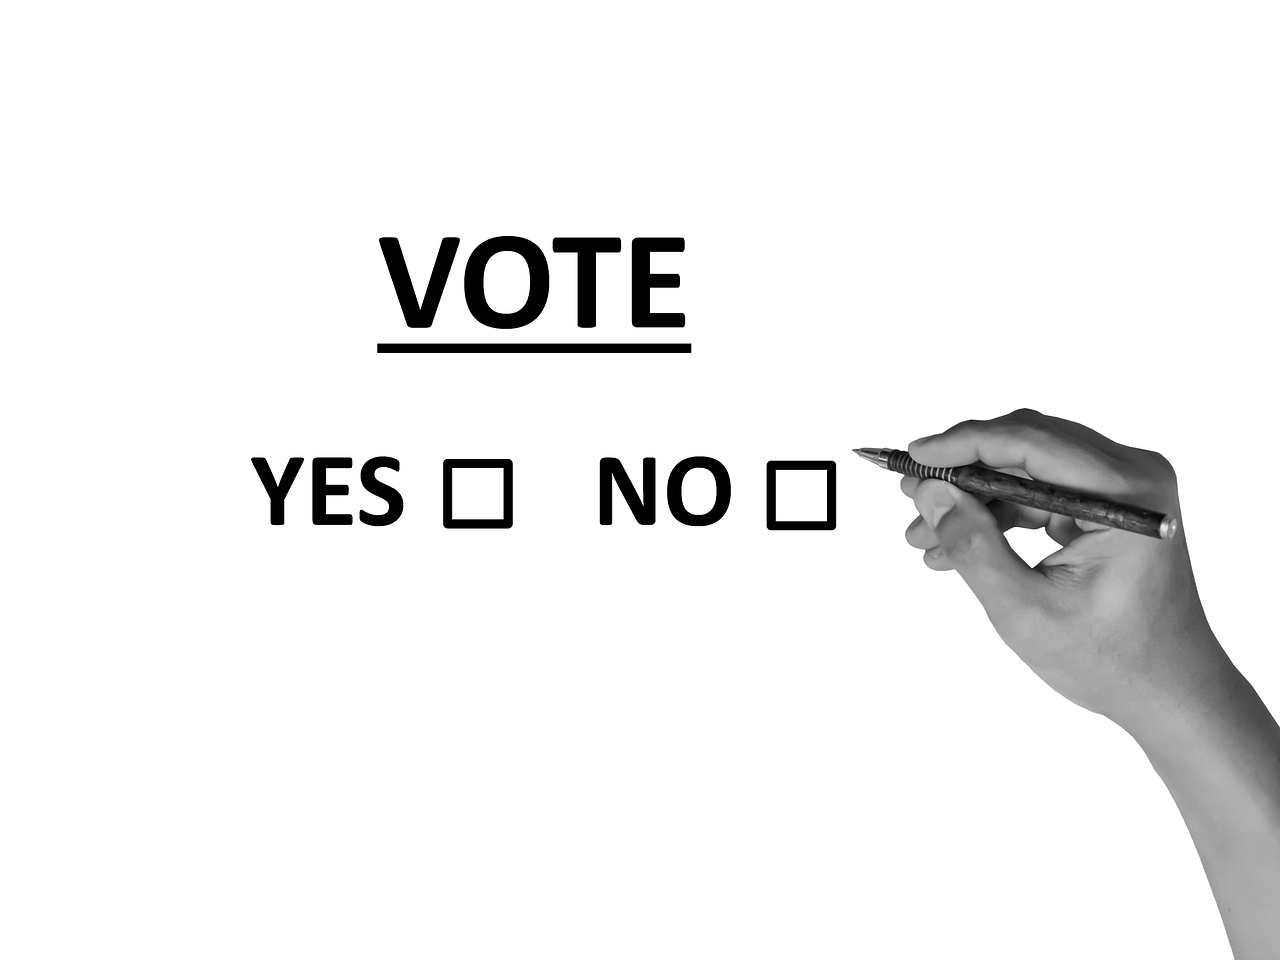 100 UNIQUE Contest Votes for your project